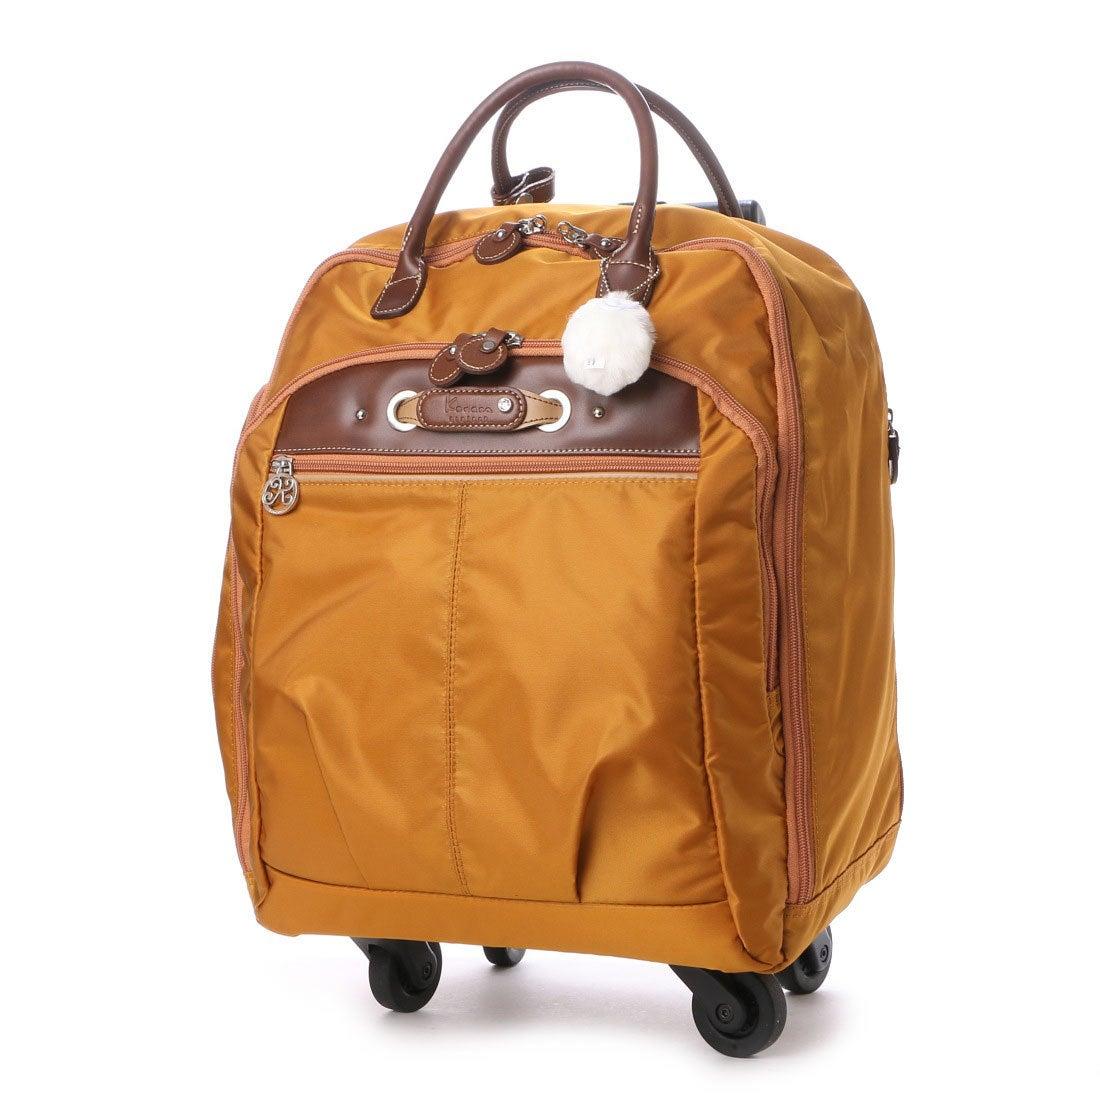 カナナ プロジェクト Kanana project 4輪 トロリーバッグ 20L 2.3kg サイレントキャスター搭載 (オレンジ) レディース